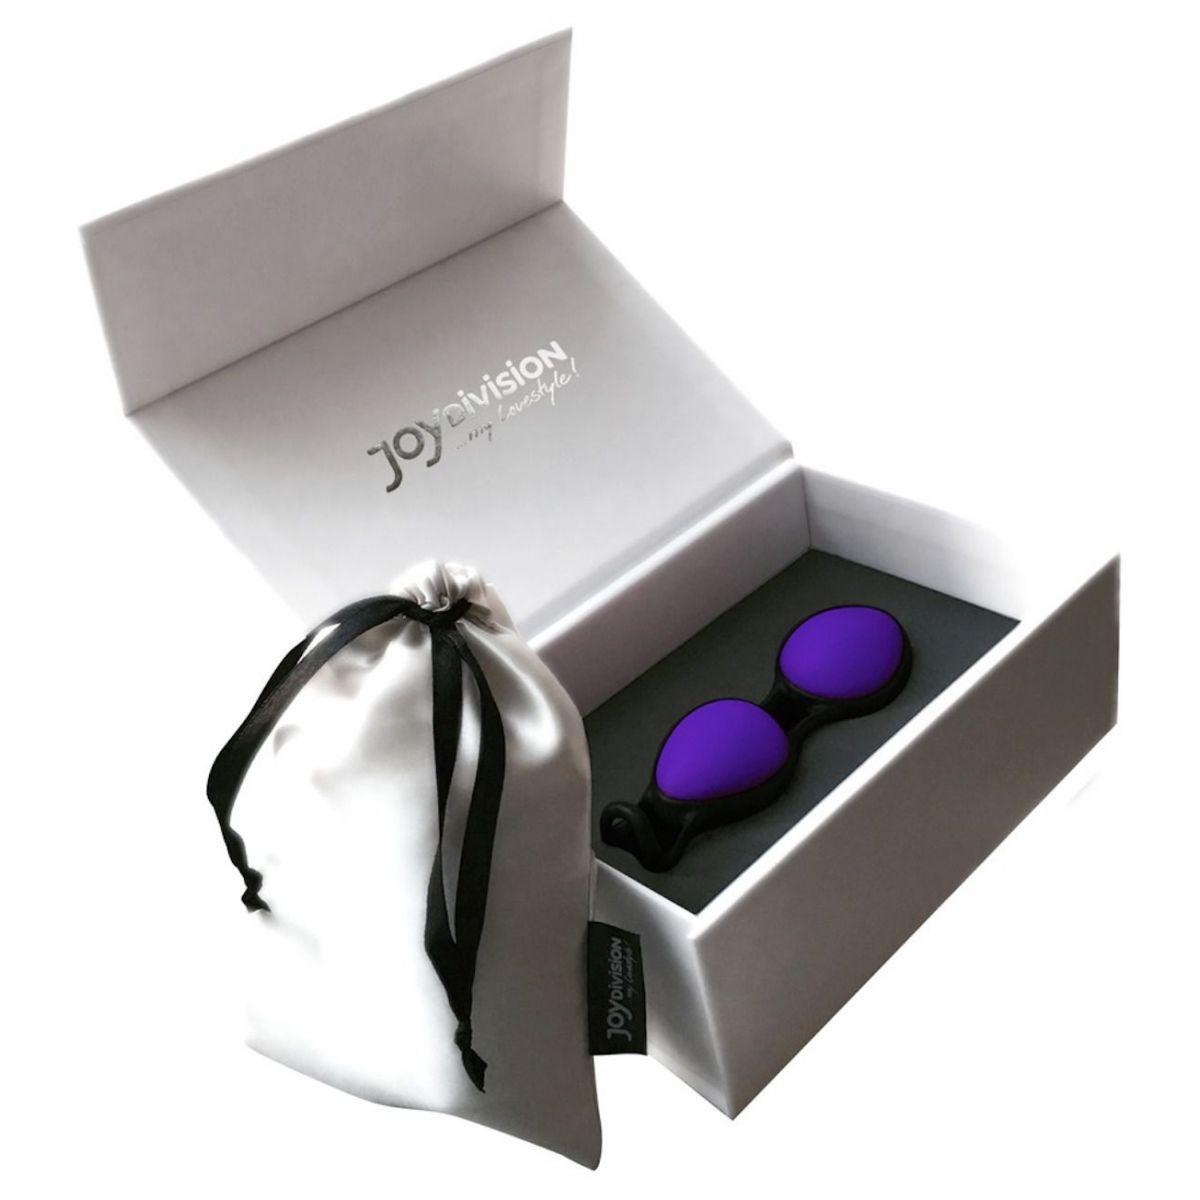 Bolas Chinas púrpura dúo con loop de retracción patentado